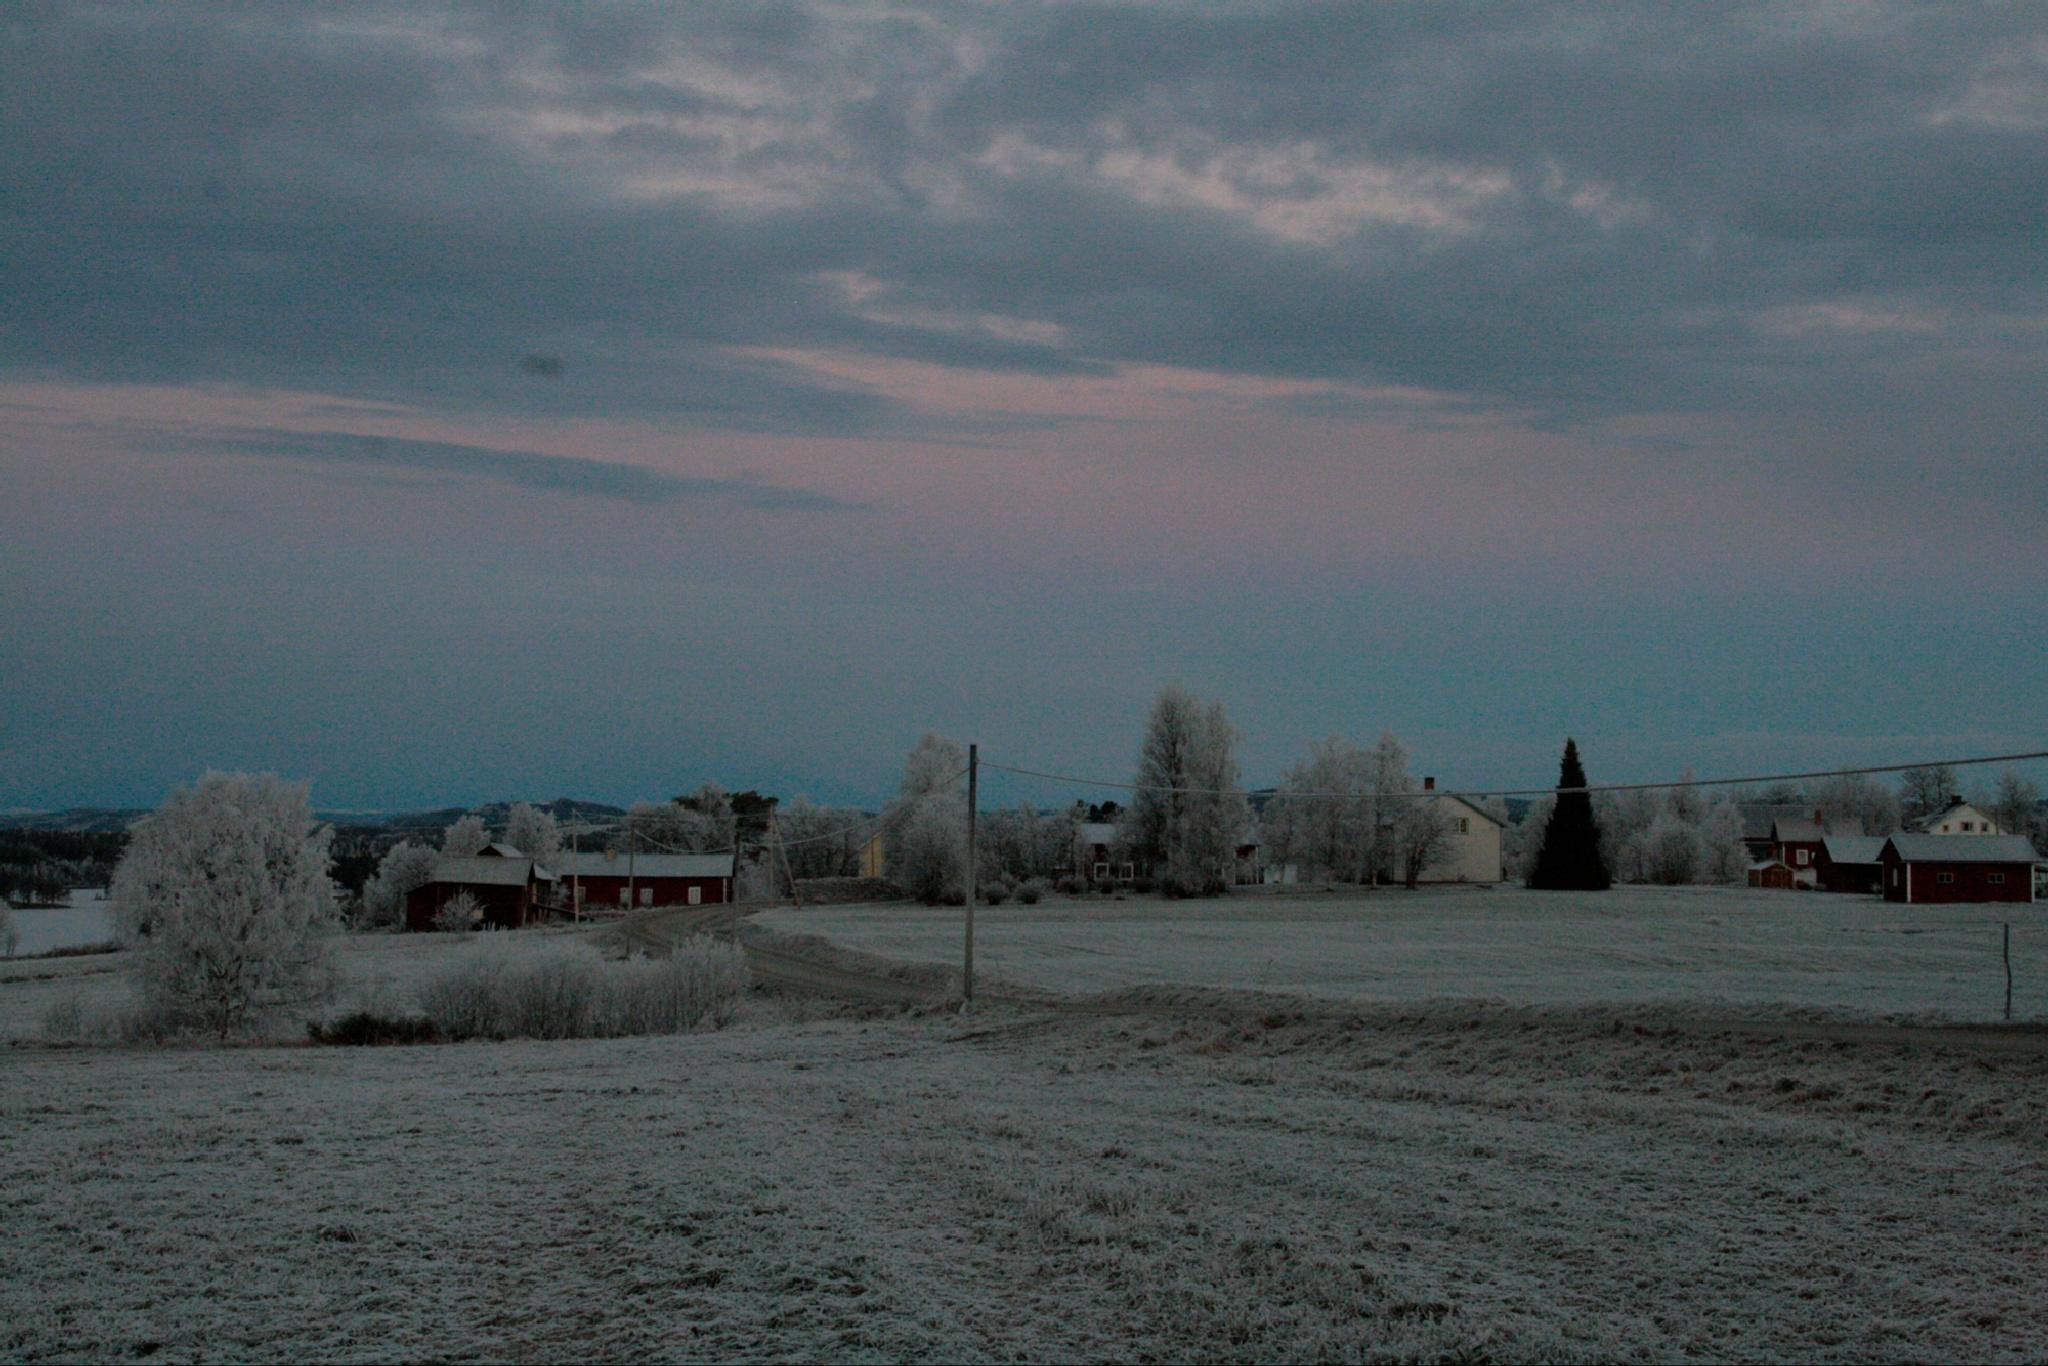 Winter wonderland by josiemattsson